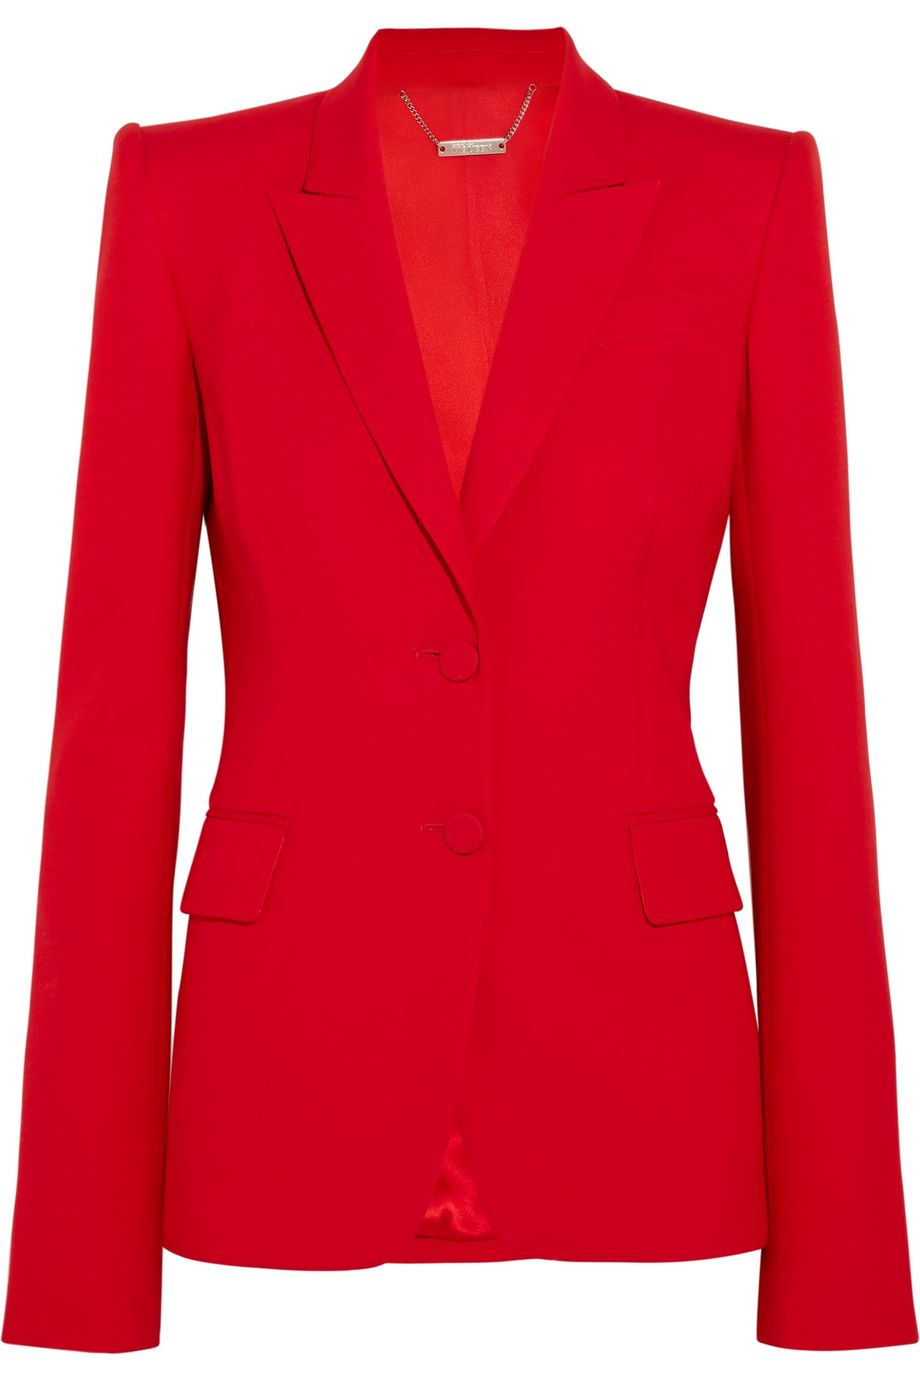 Alexander McQueen Wool-blend blazer